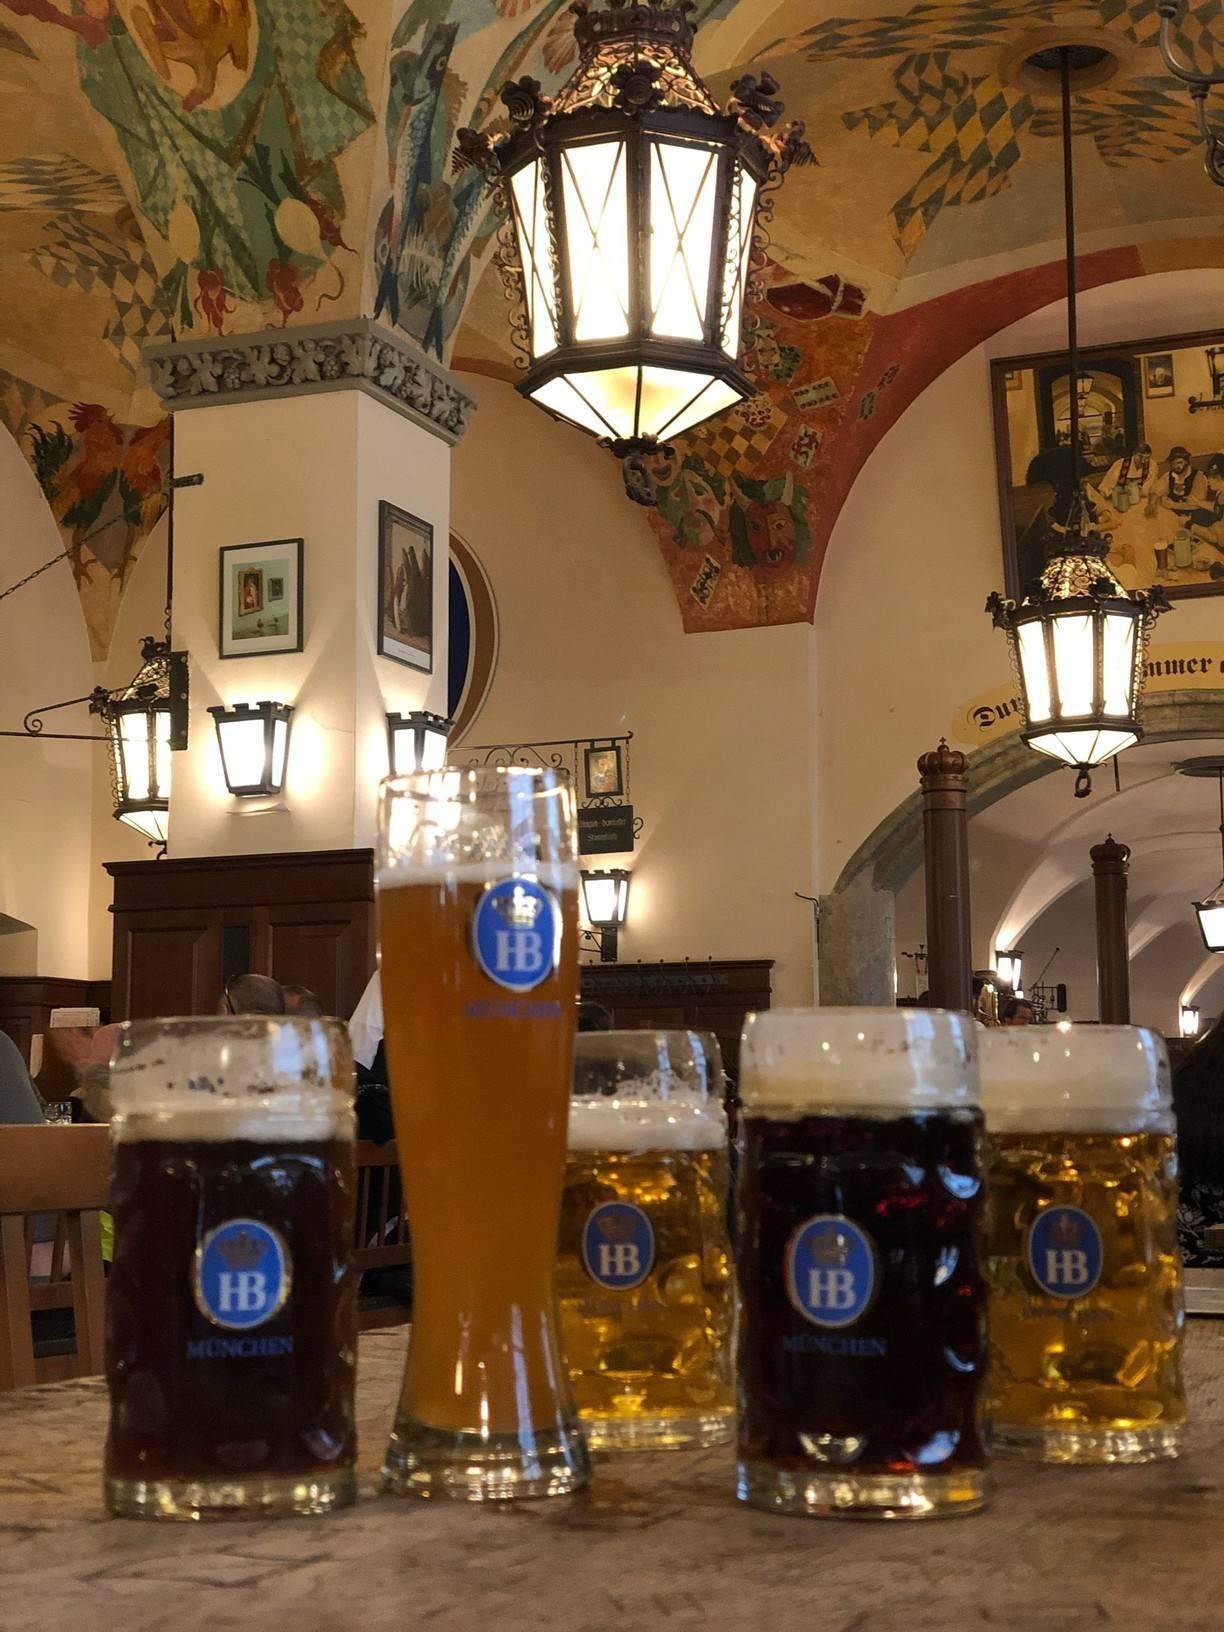 Пивоварня хофбройхаус, традиции и легенды